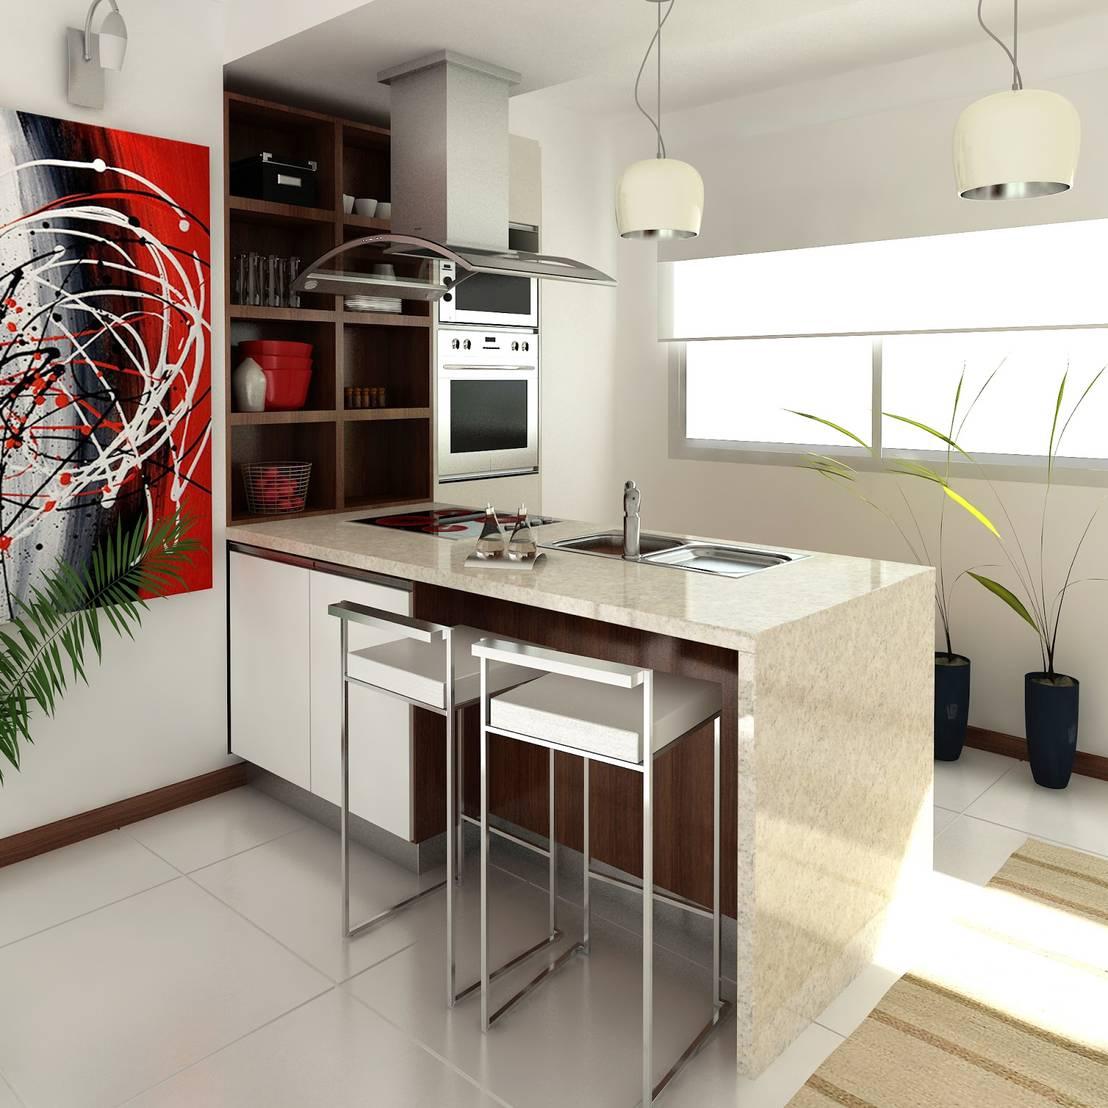 22 idee semplici per una cucina moderna e spettacolare for Decorazioni cucina moderna